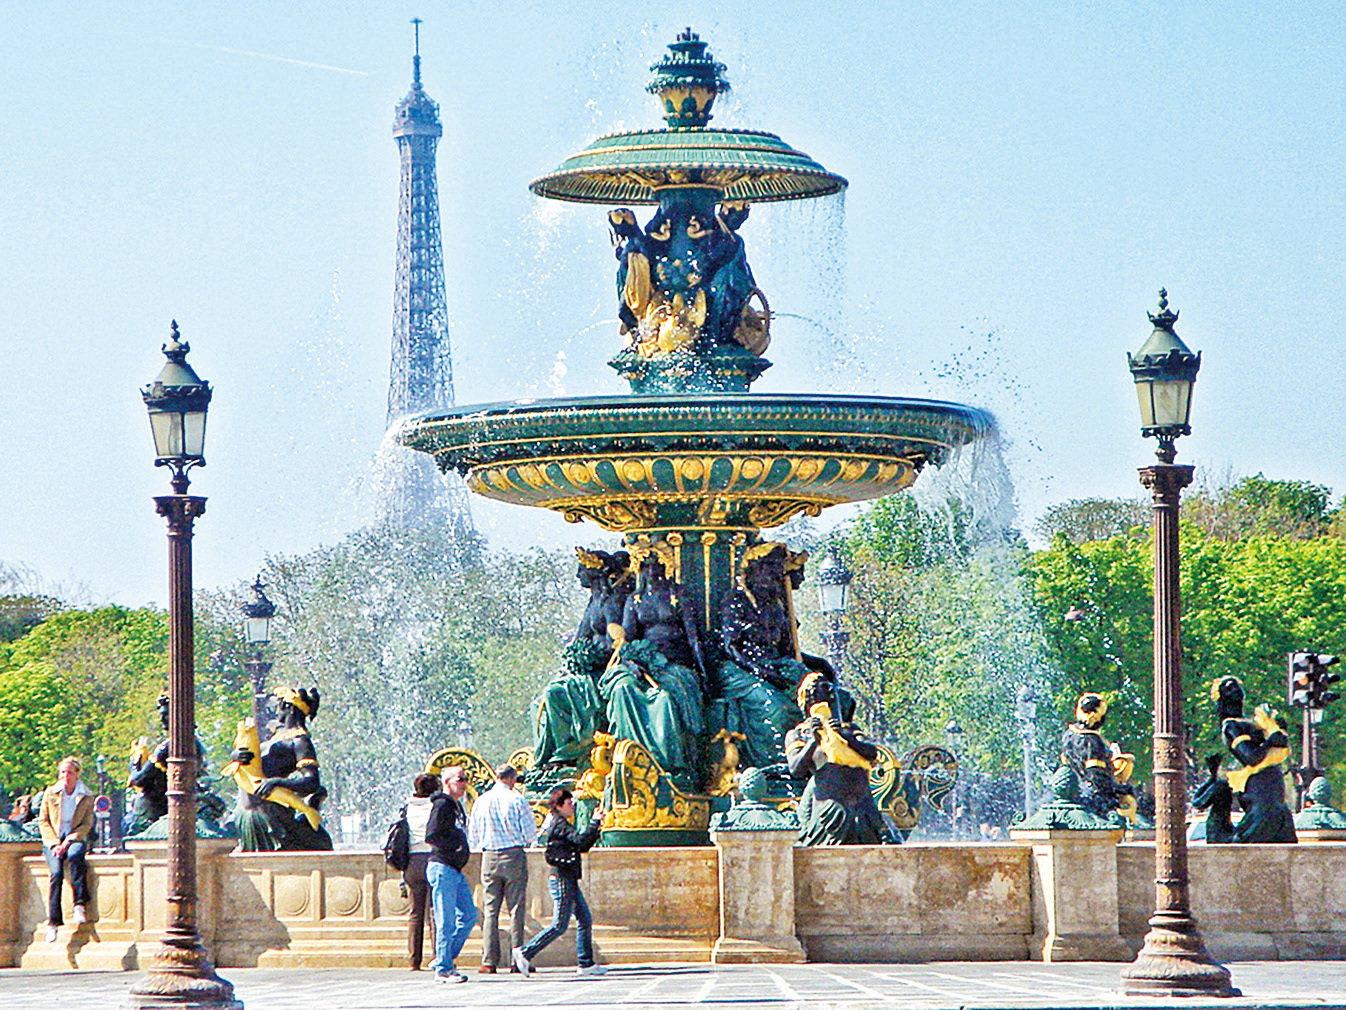 巴黎協和廣場上的噴泉。(公共領域)